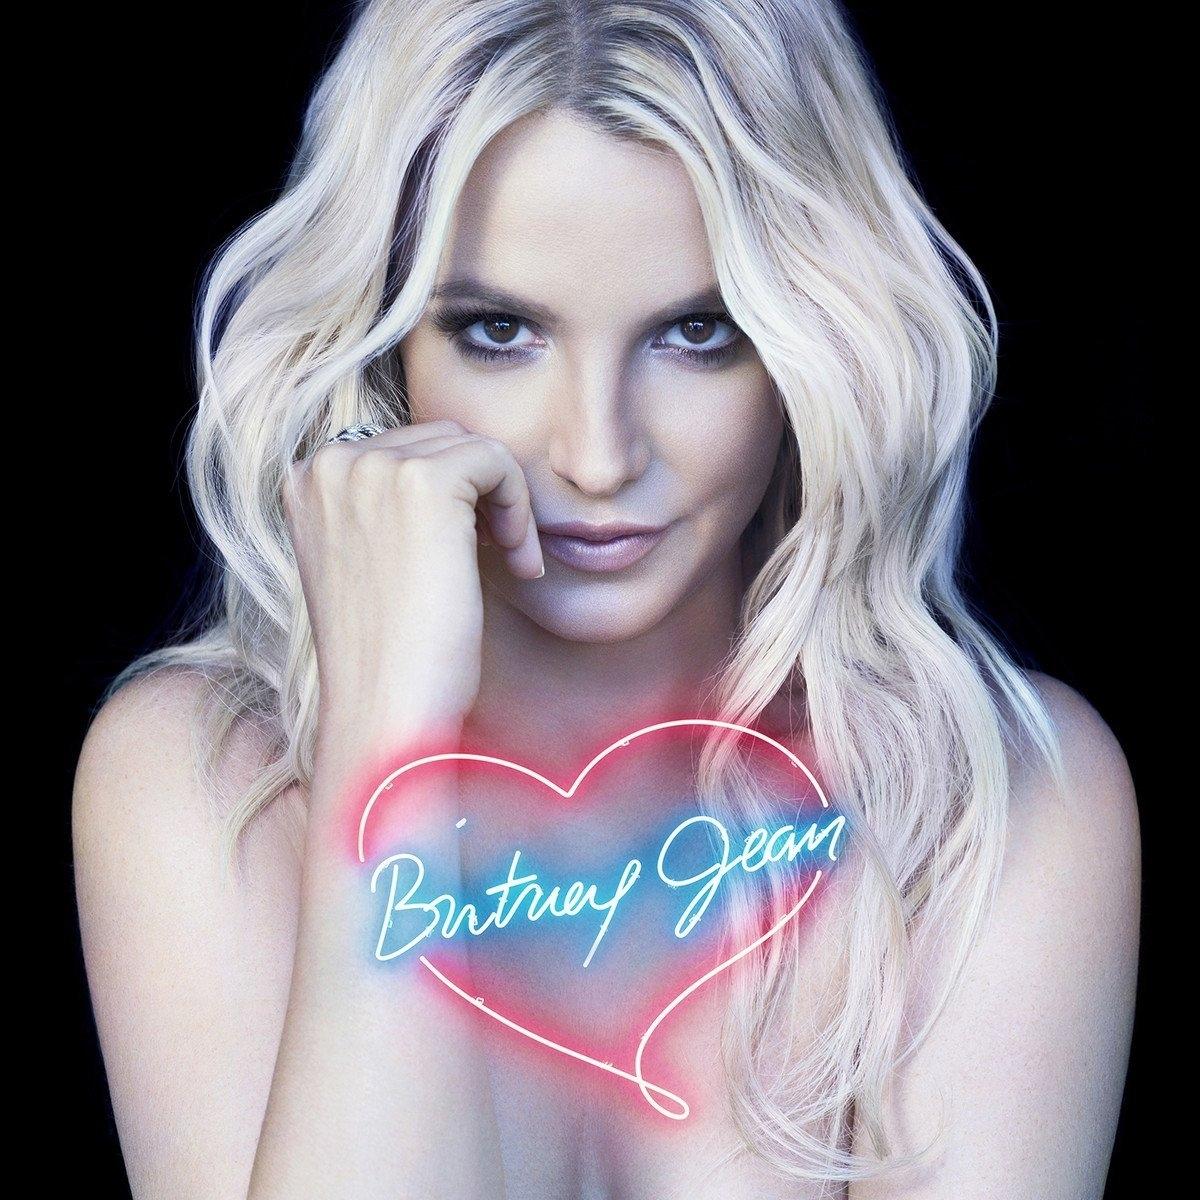 布兰妮劲舞大碟Britney Spears - Britney Jean[320K]_mp3bst.com